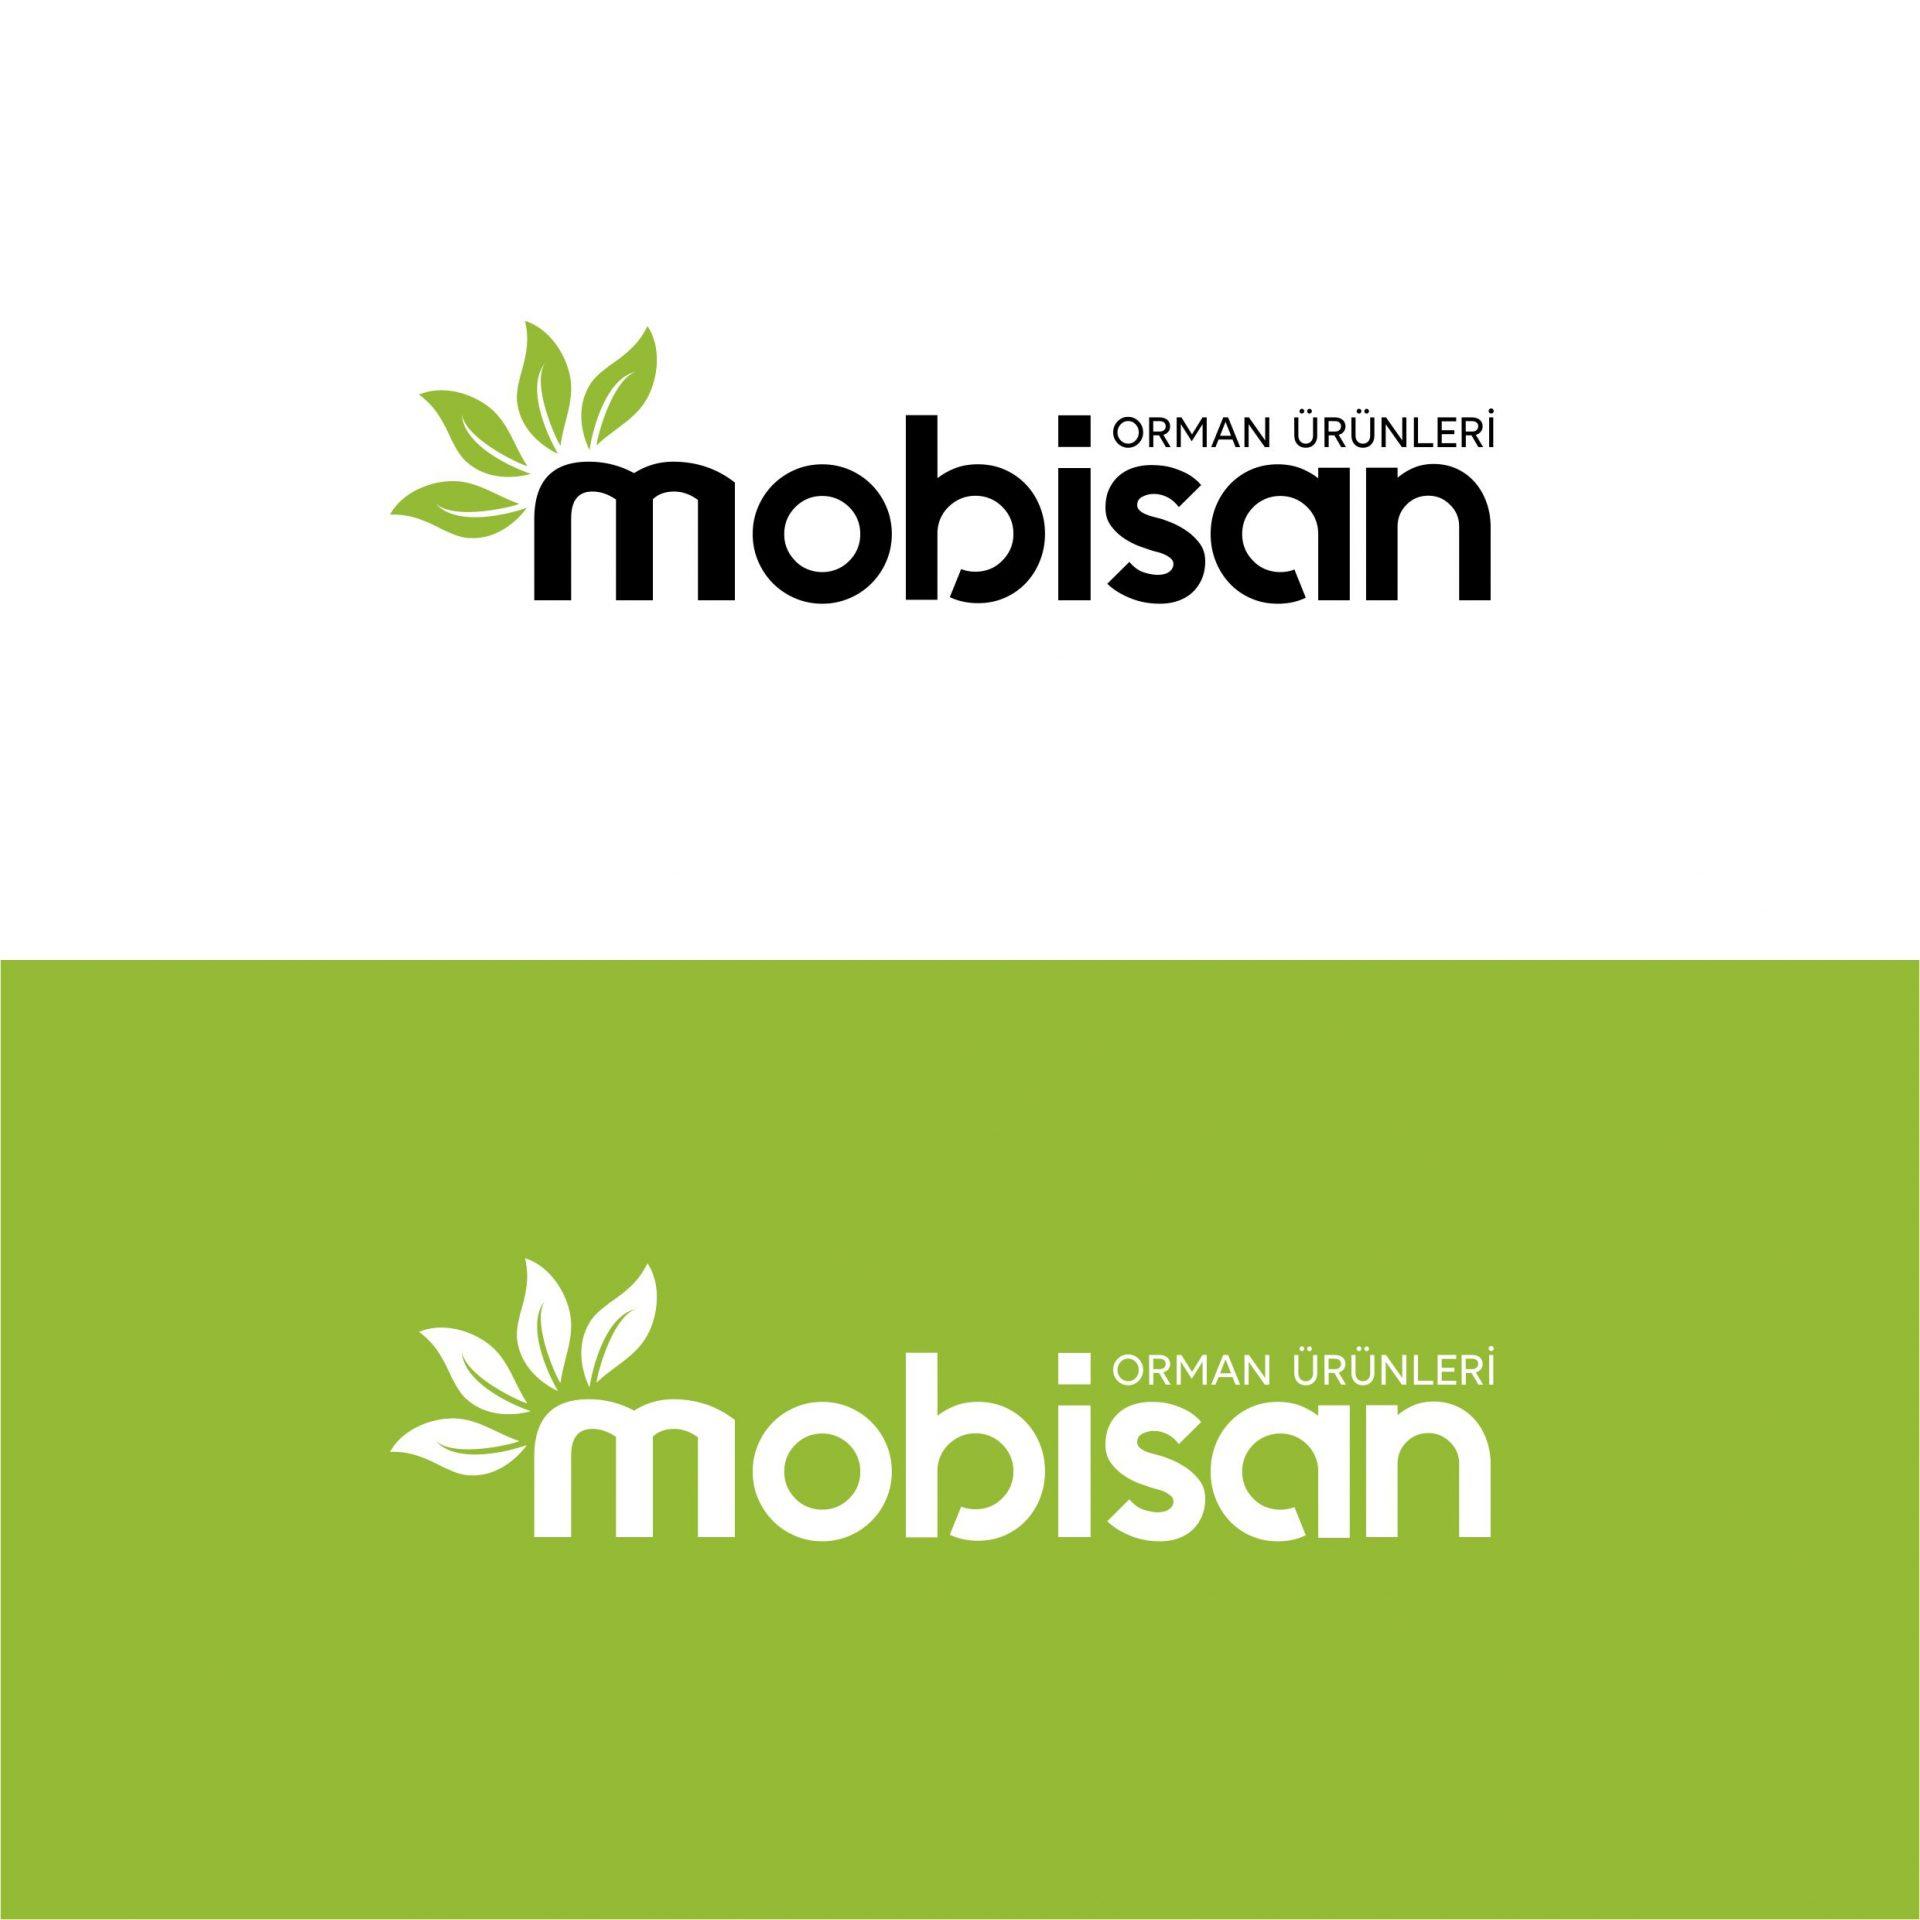 mobilya logo tasarımı